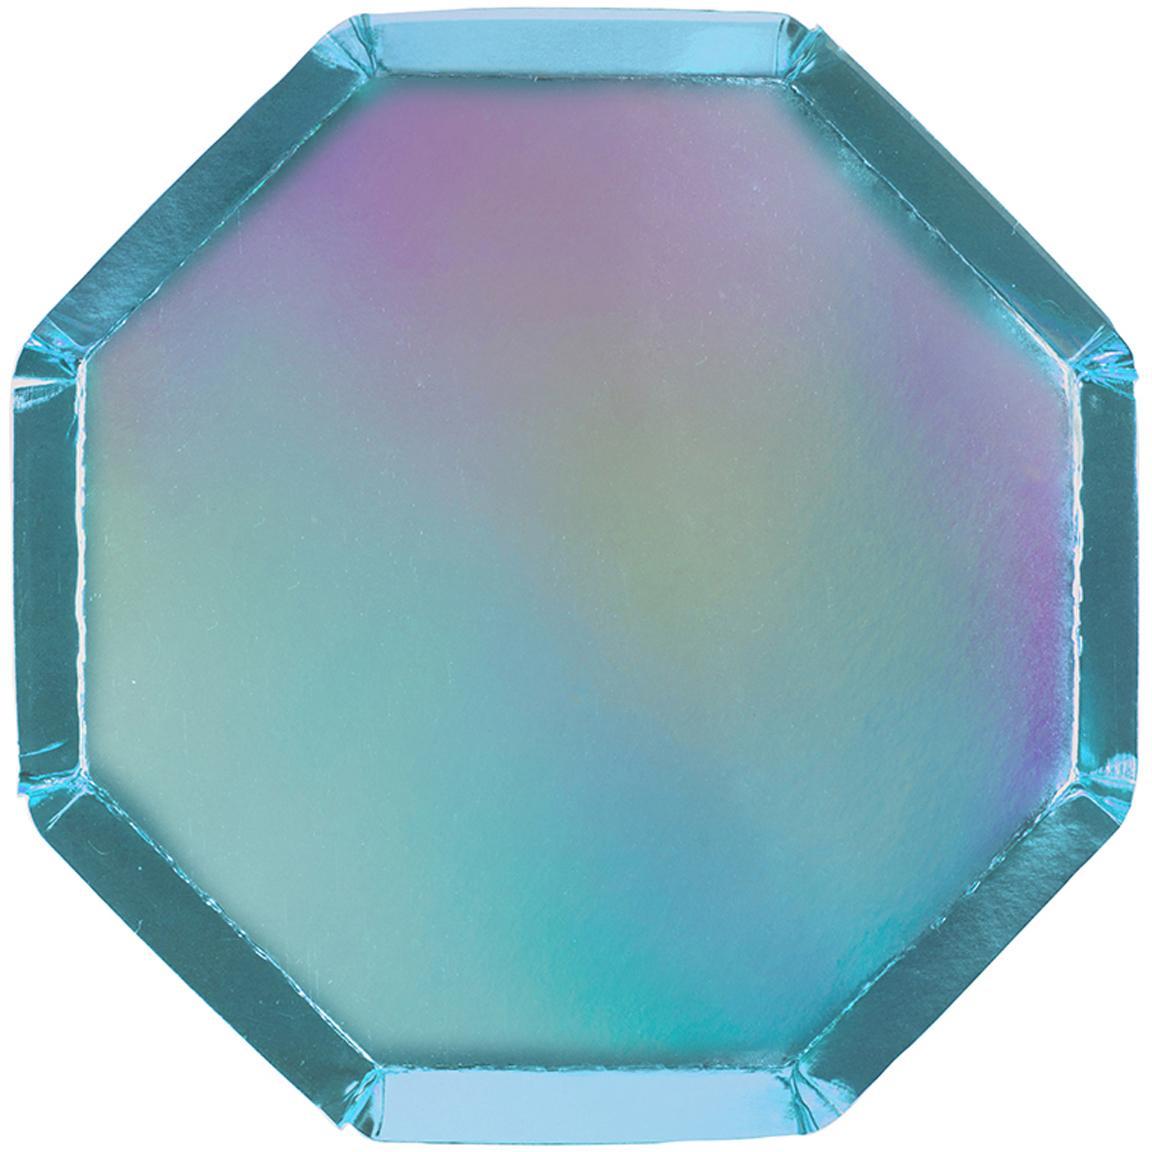 Papier-Teller Metallic, 8 Stück, Papier, foliert, Blau, Ø 20 x H 1 cm